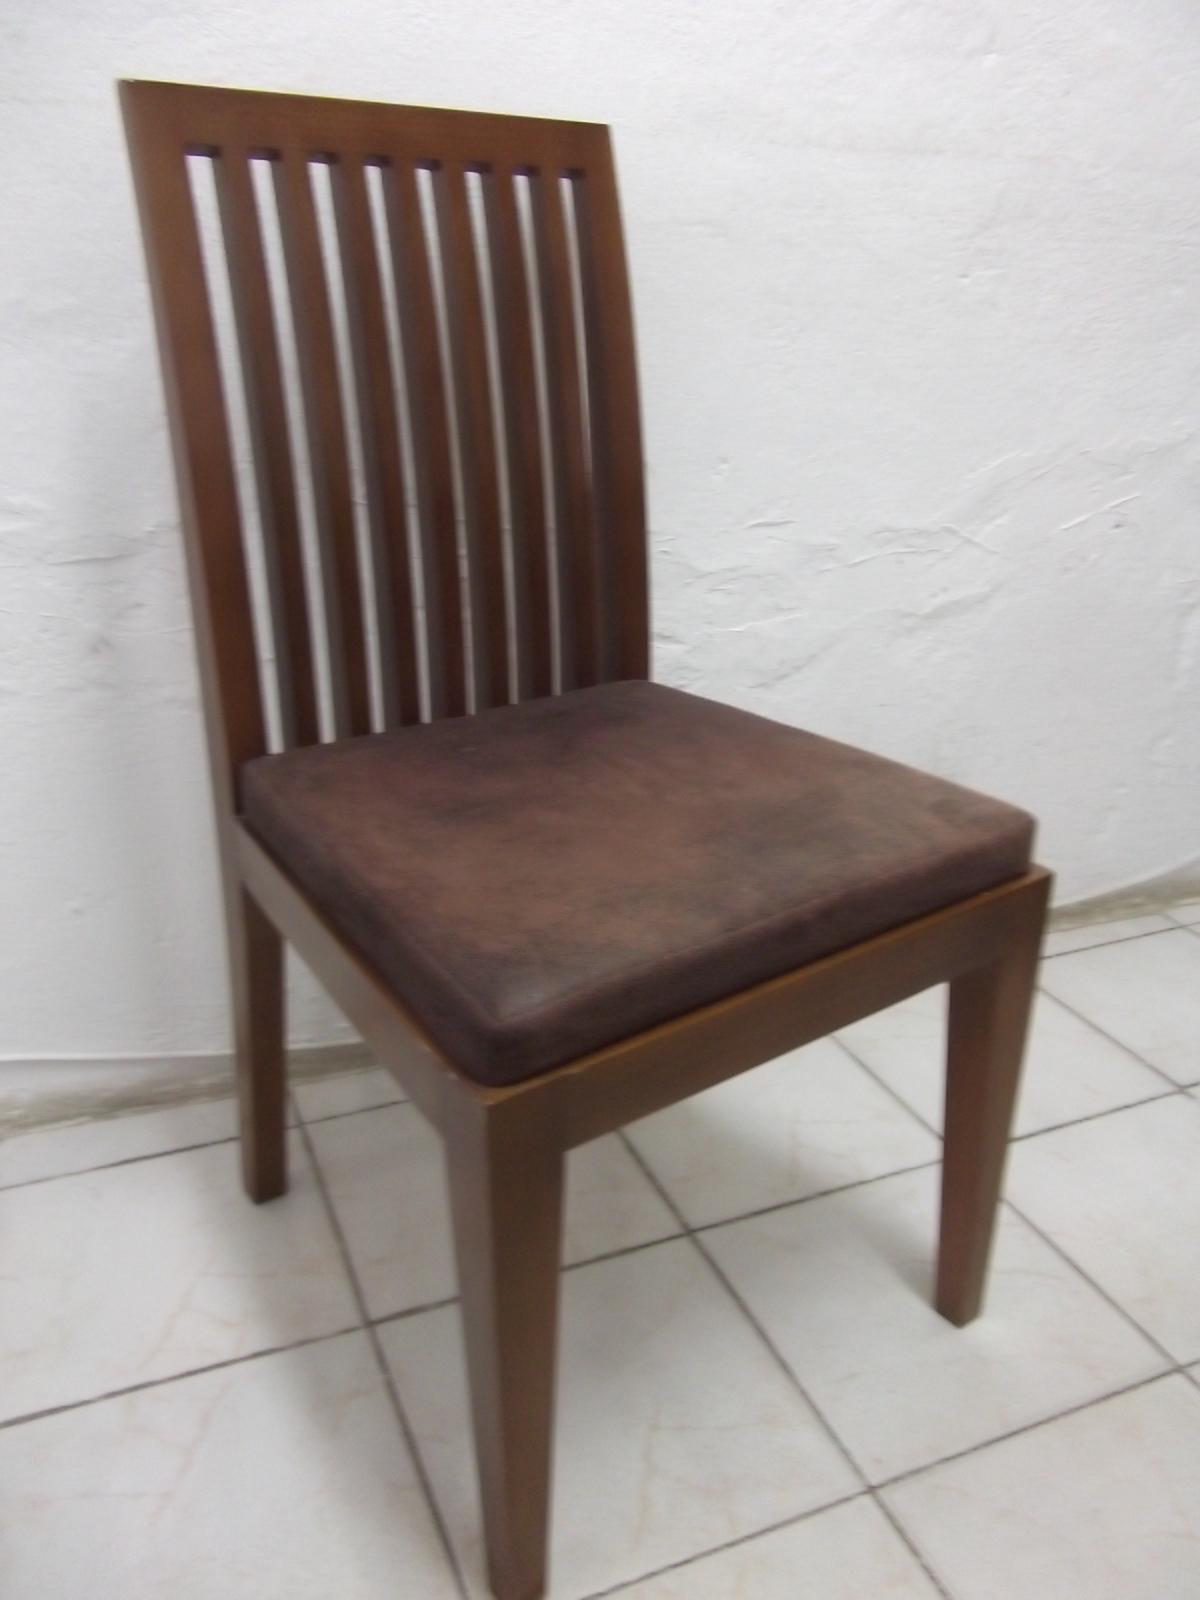 Cadeira e Mesa: Cadeira para Sala de Jantar SP #432F28 1200x1600